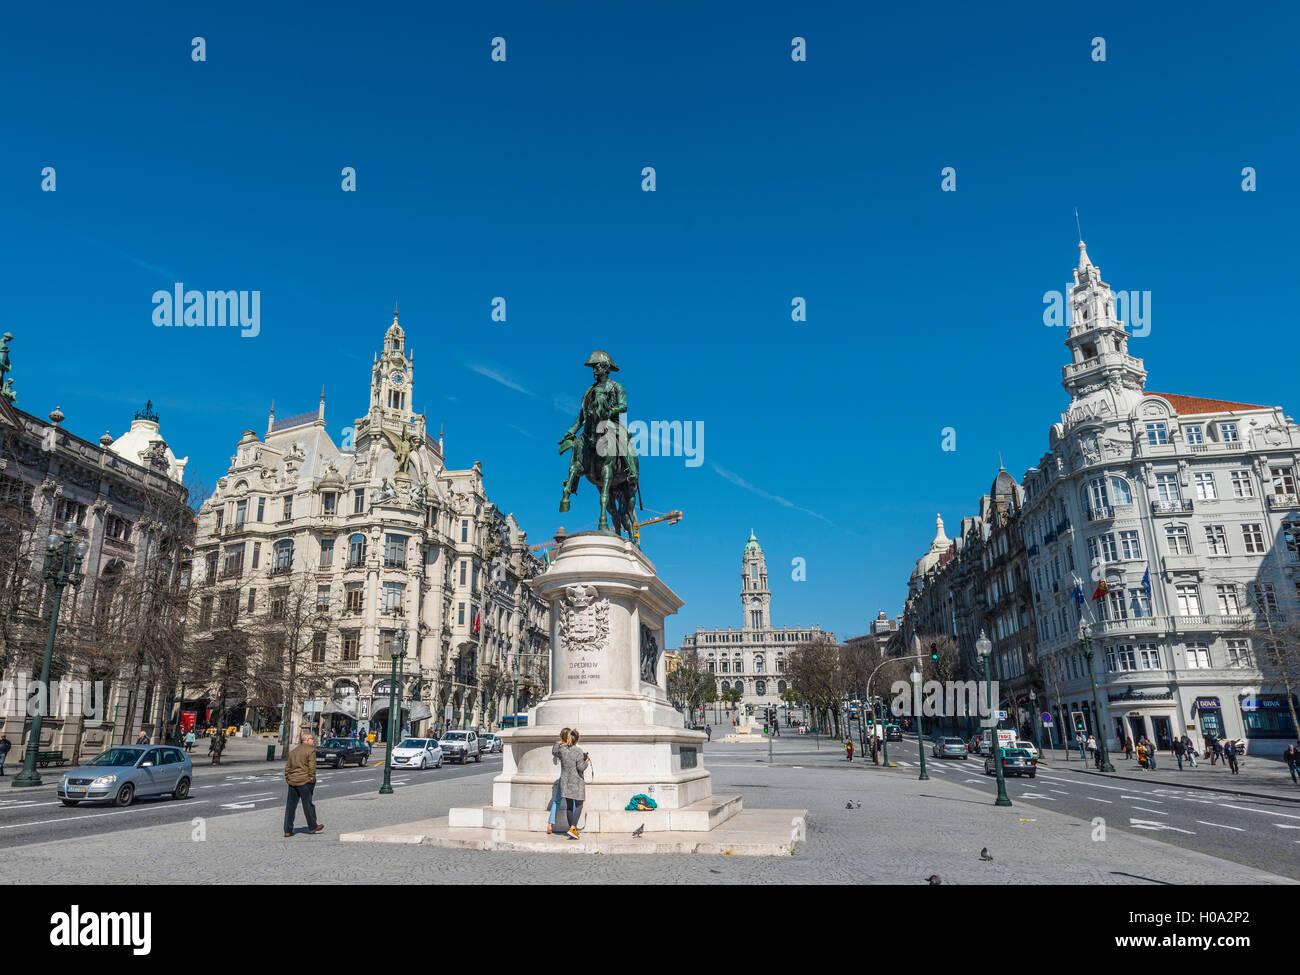 Estatua ecuestre de Dom Pedro IV, la Avenida Aliados y ayuntamiento, Oporto, Distrito de Porto, Portugal Imagen De Stock